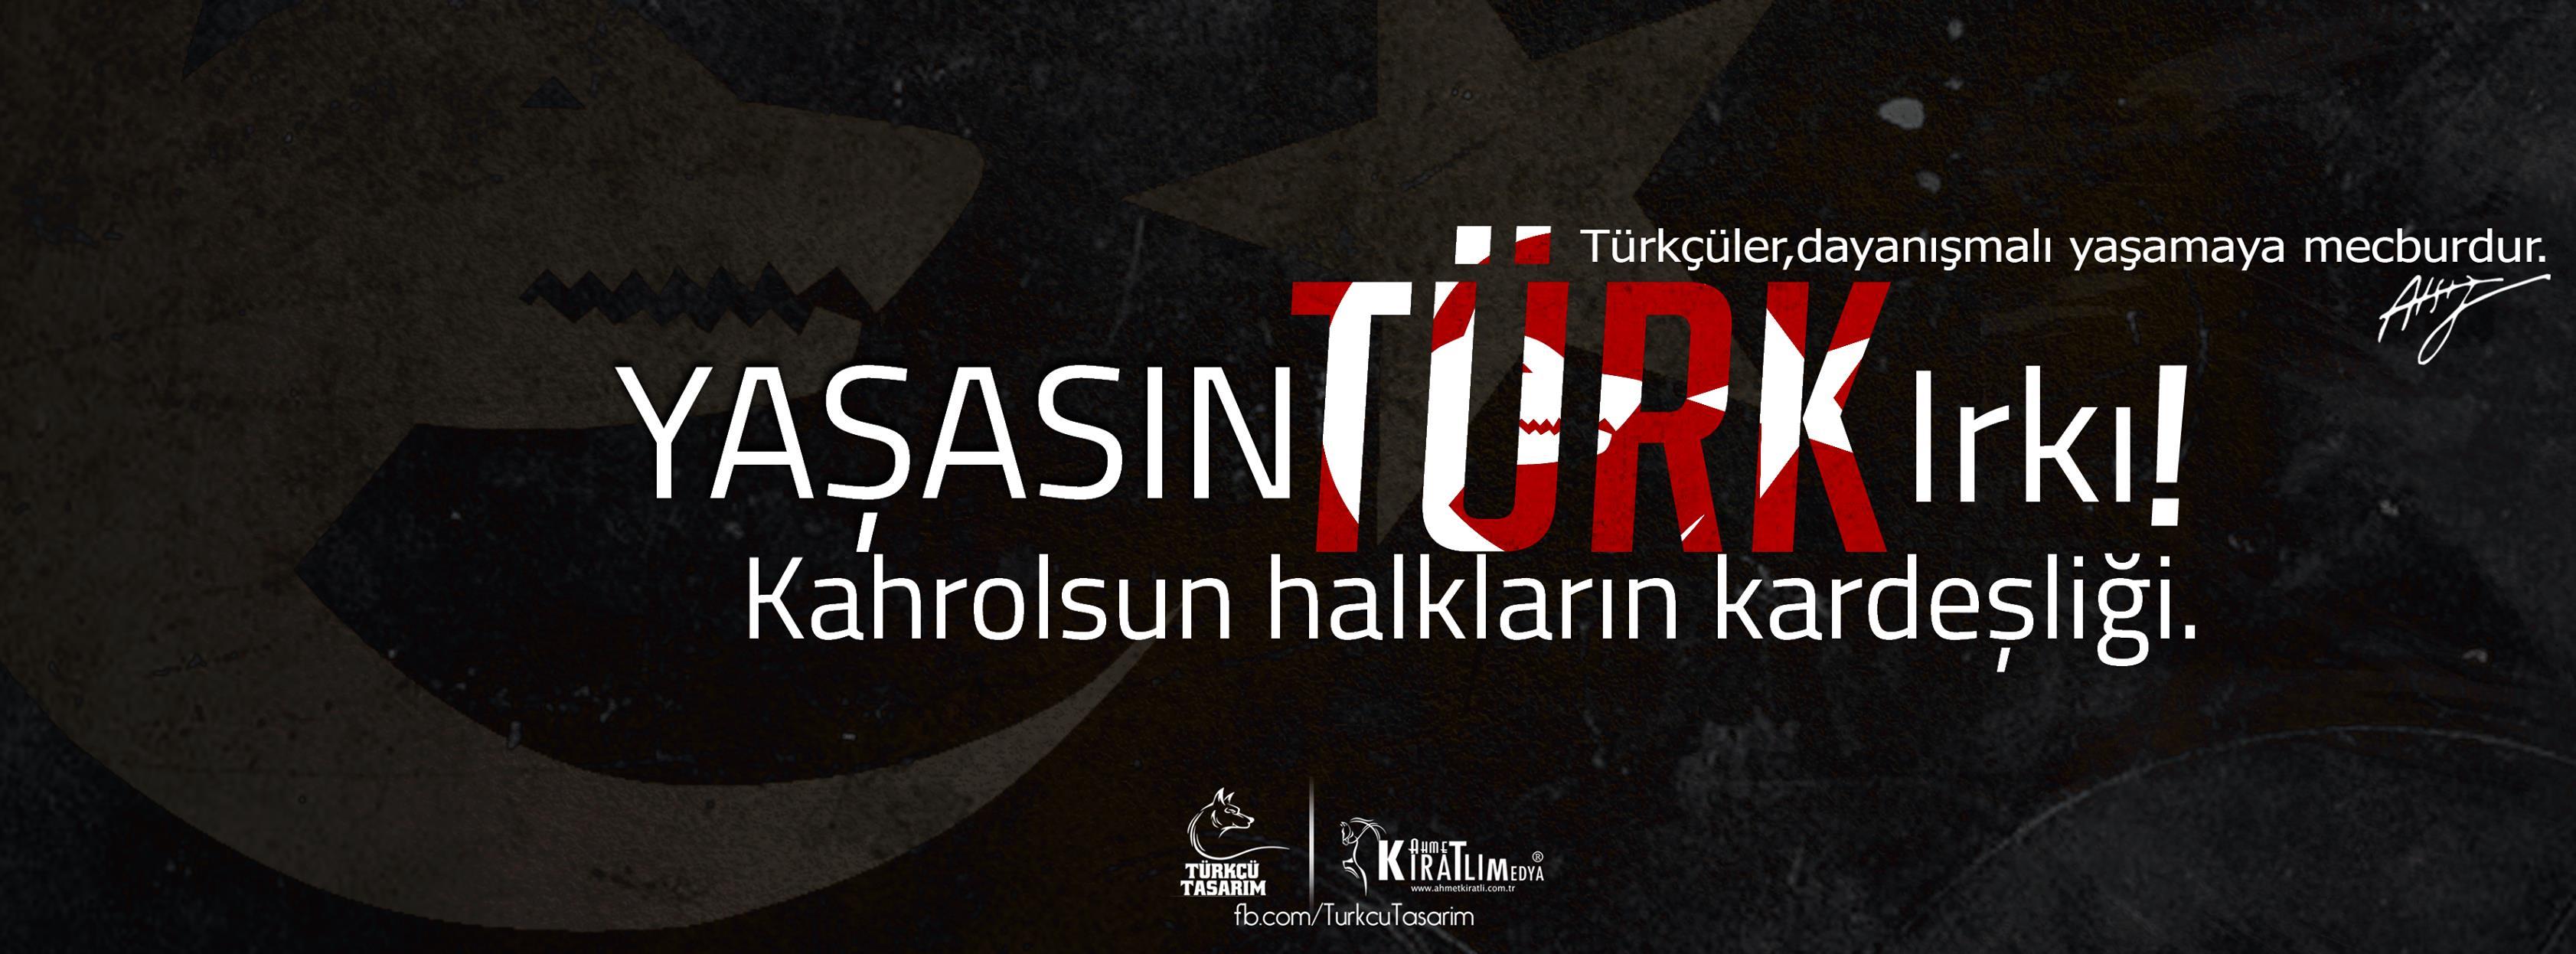 yaşasın türk ırkı 2 -kapak